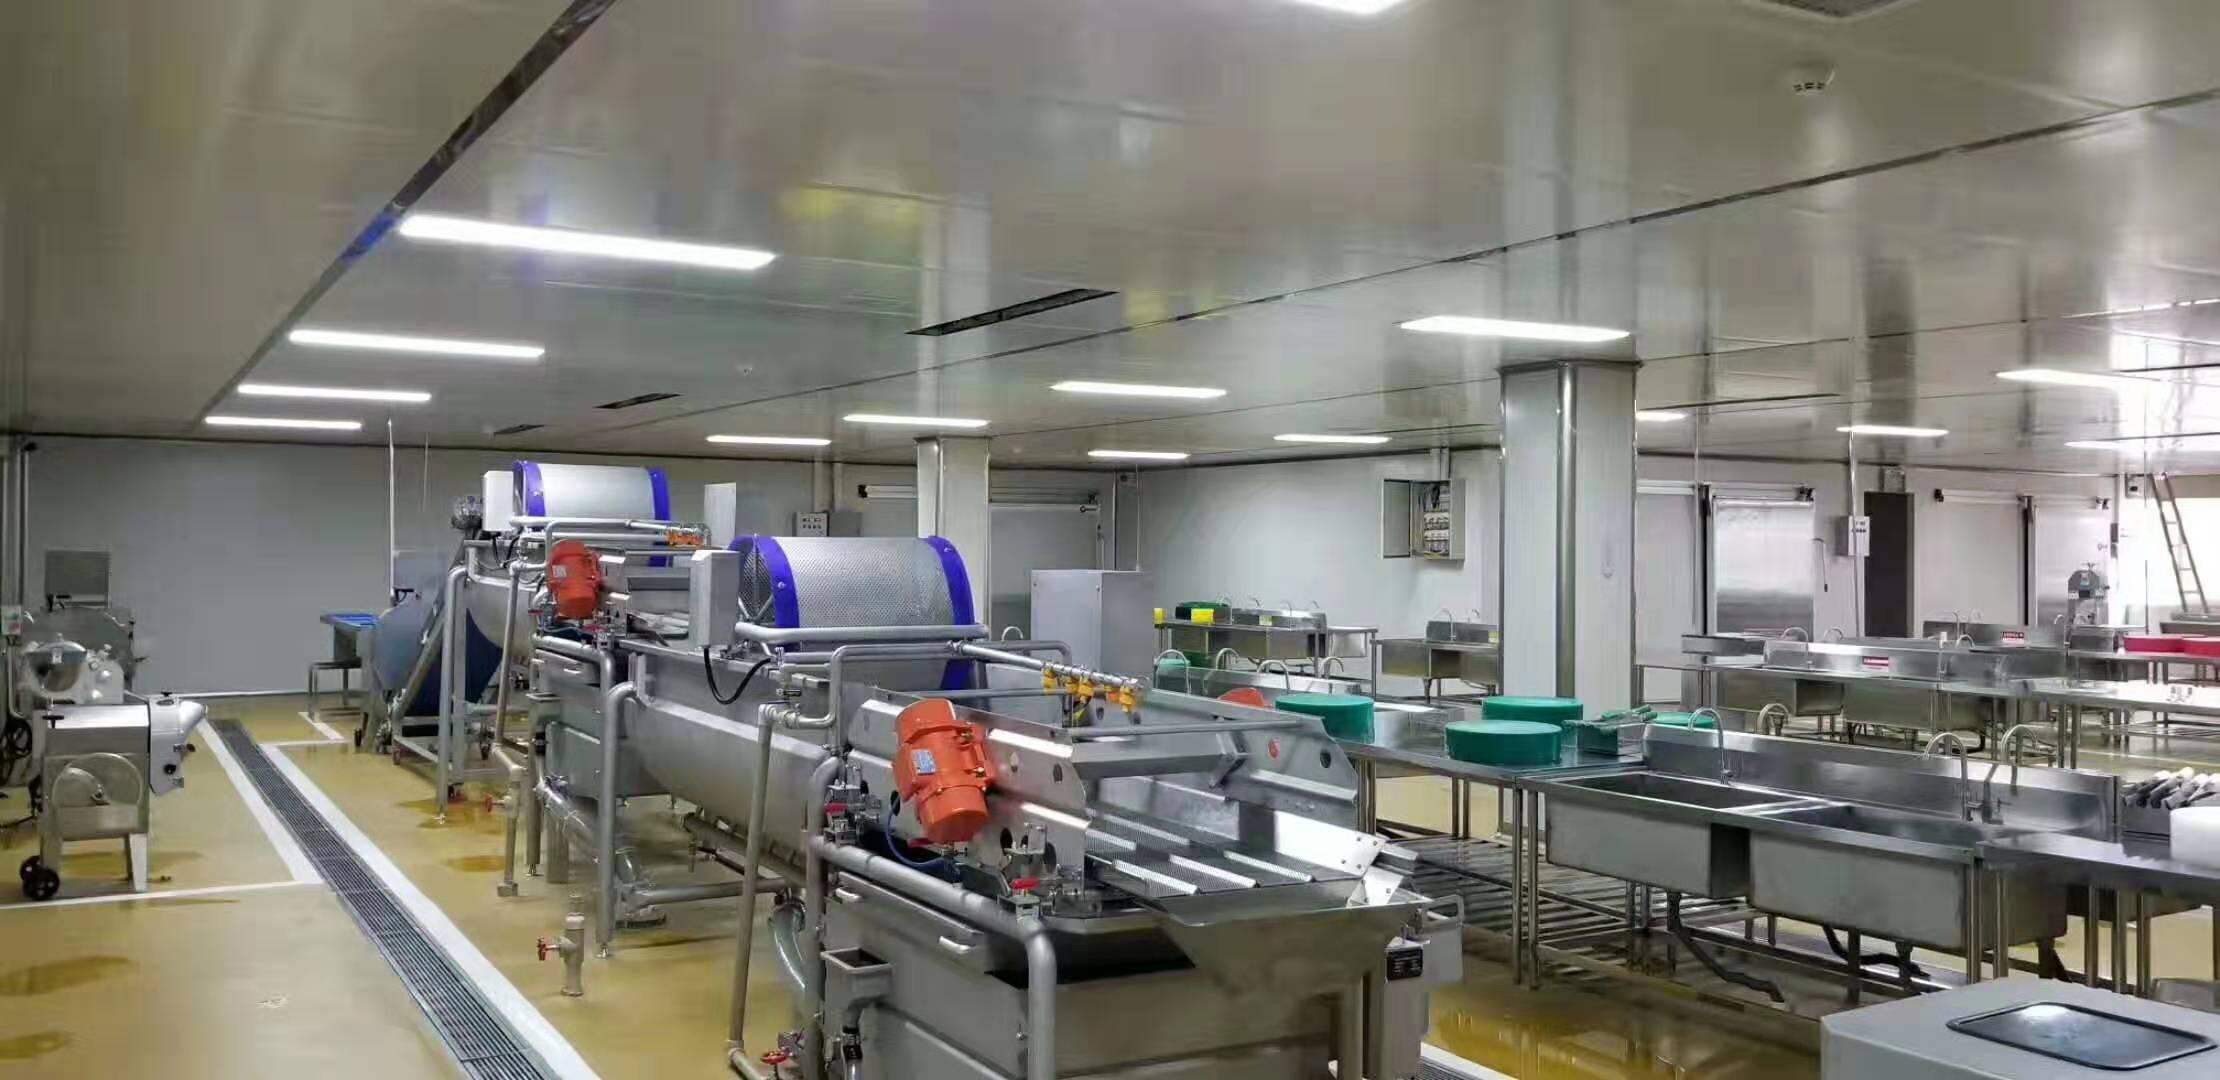 某中央厨房净菜加工前道设备及蔬菜清洗流水线